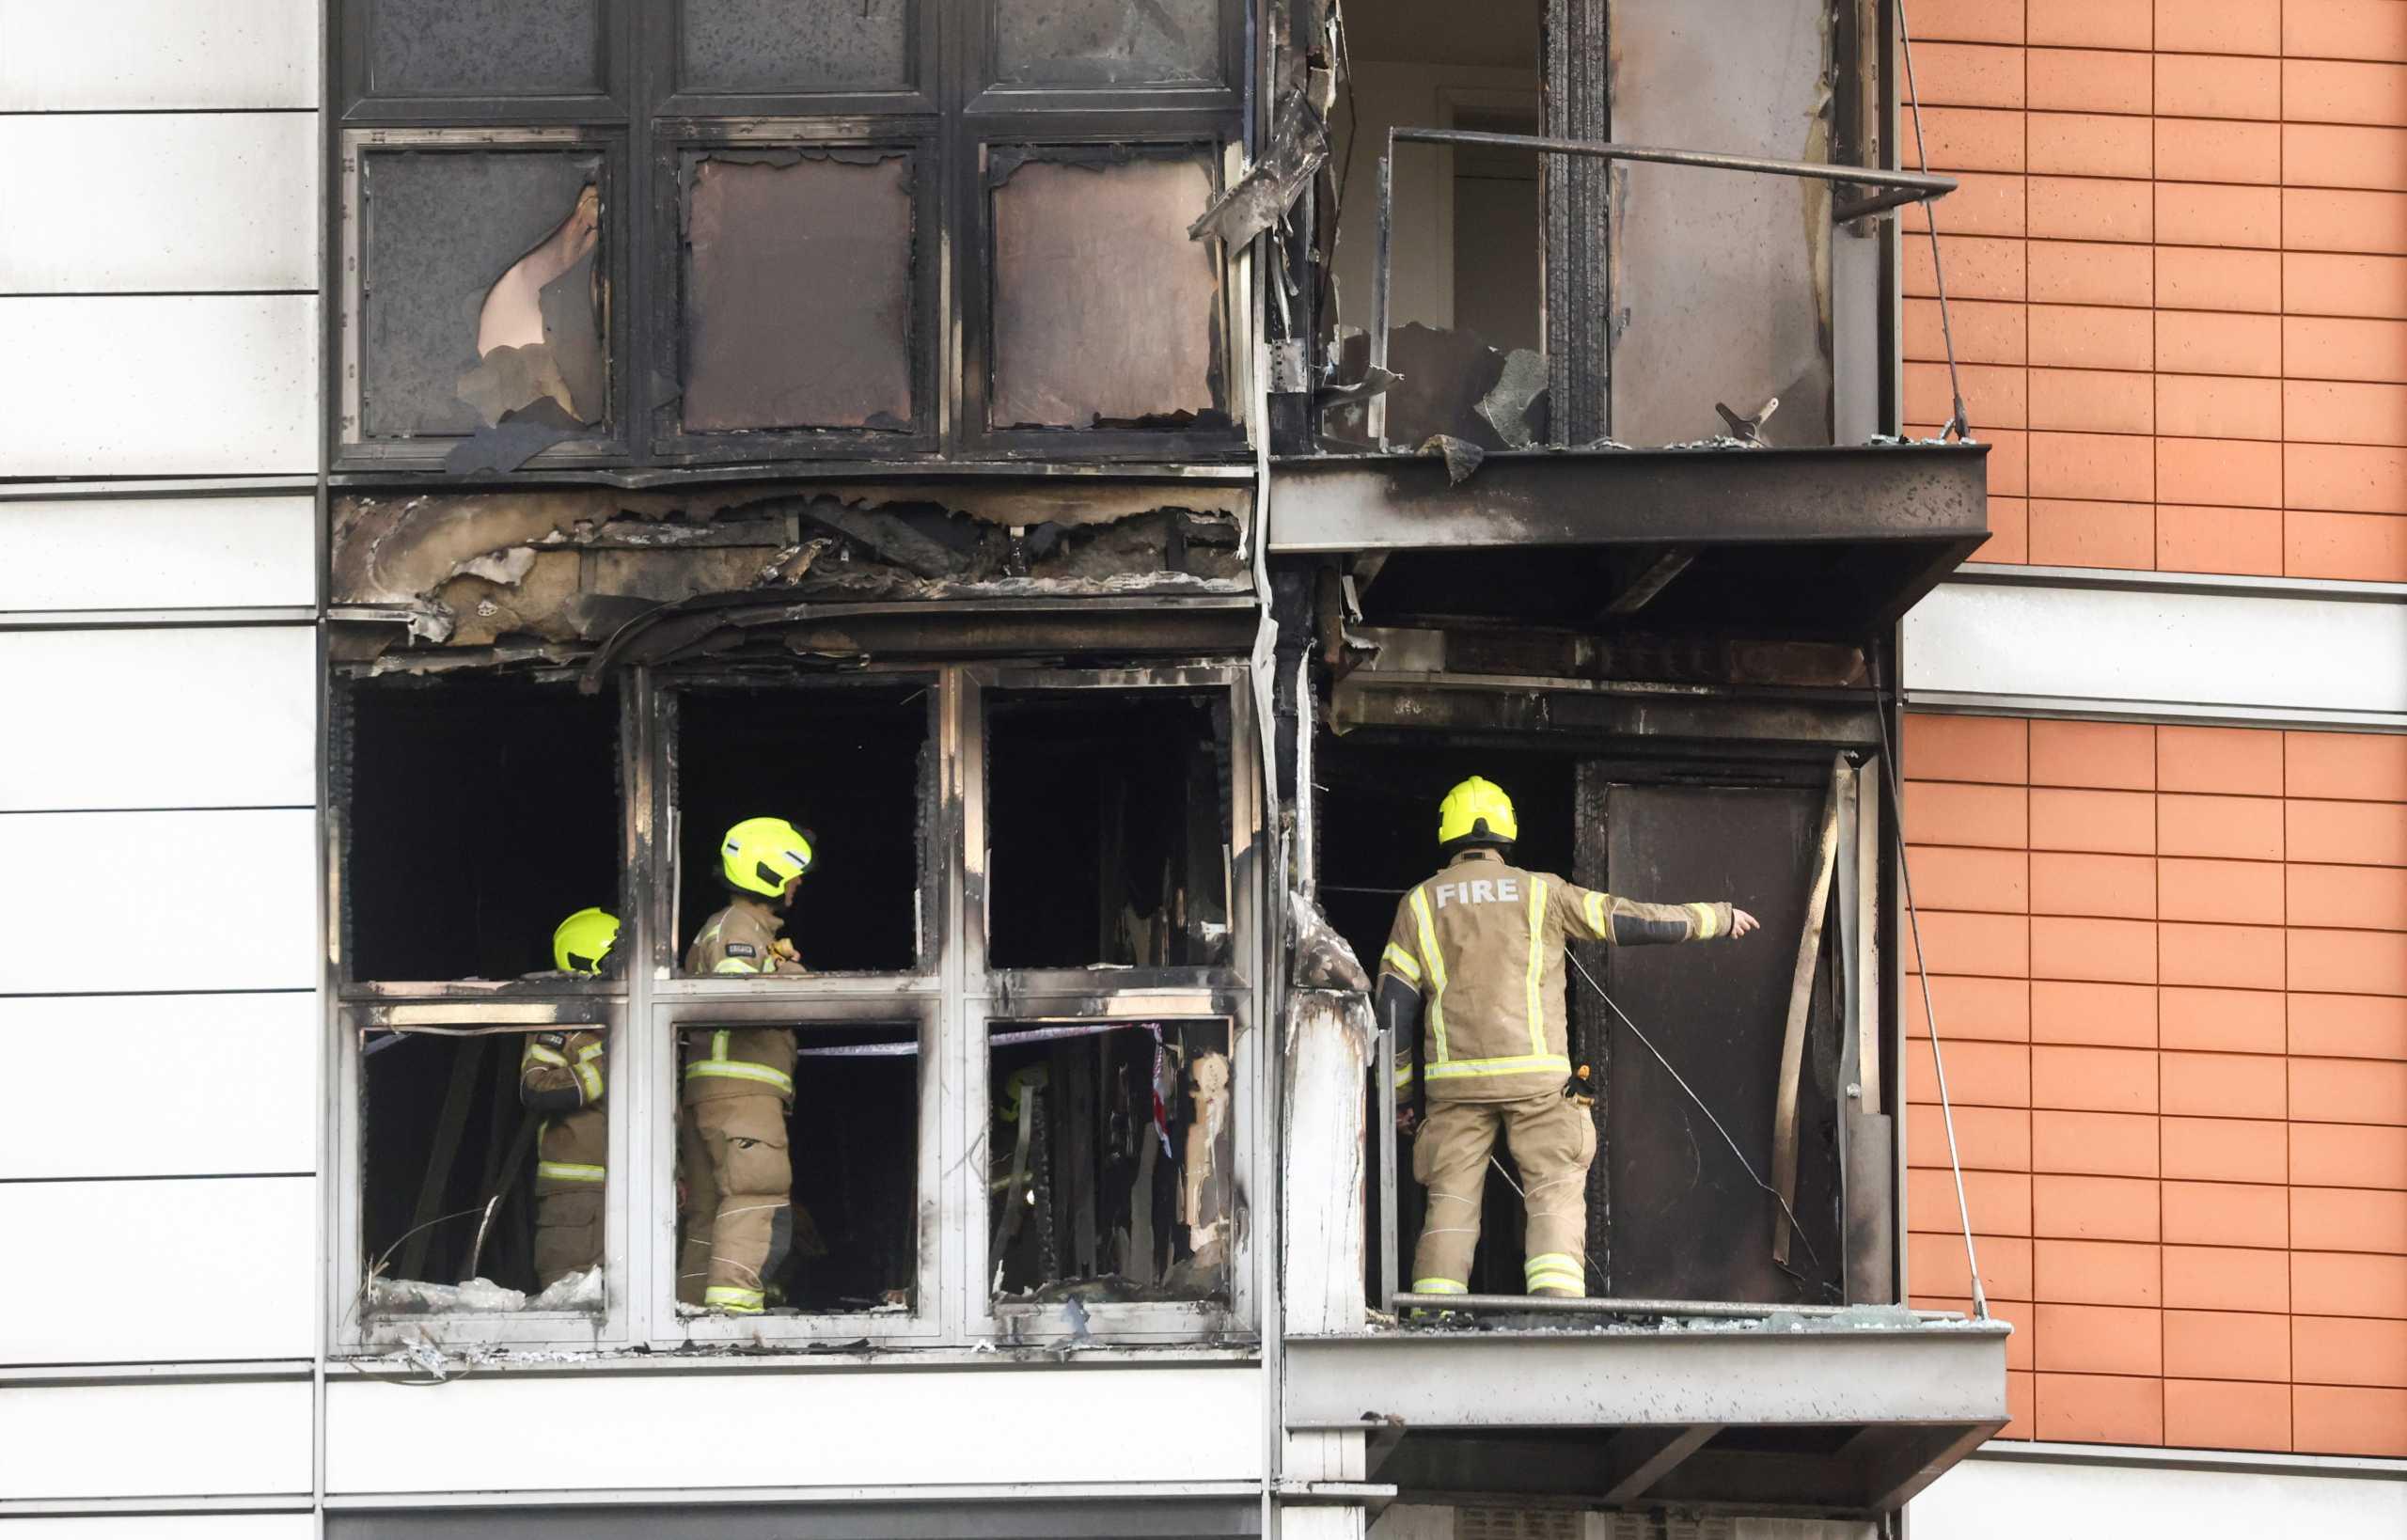 Μεγάλη φωτιά σε πολυώροφο κτίριο στο Λονδίνο – Ξύπνησαν μνήμες από το Γκρένφελ (pics, vids)